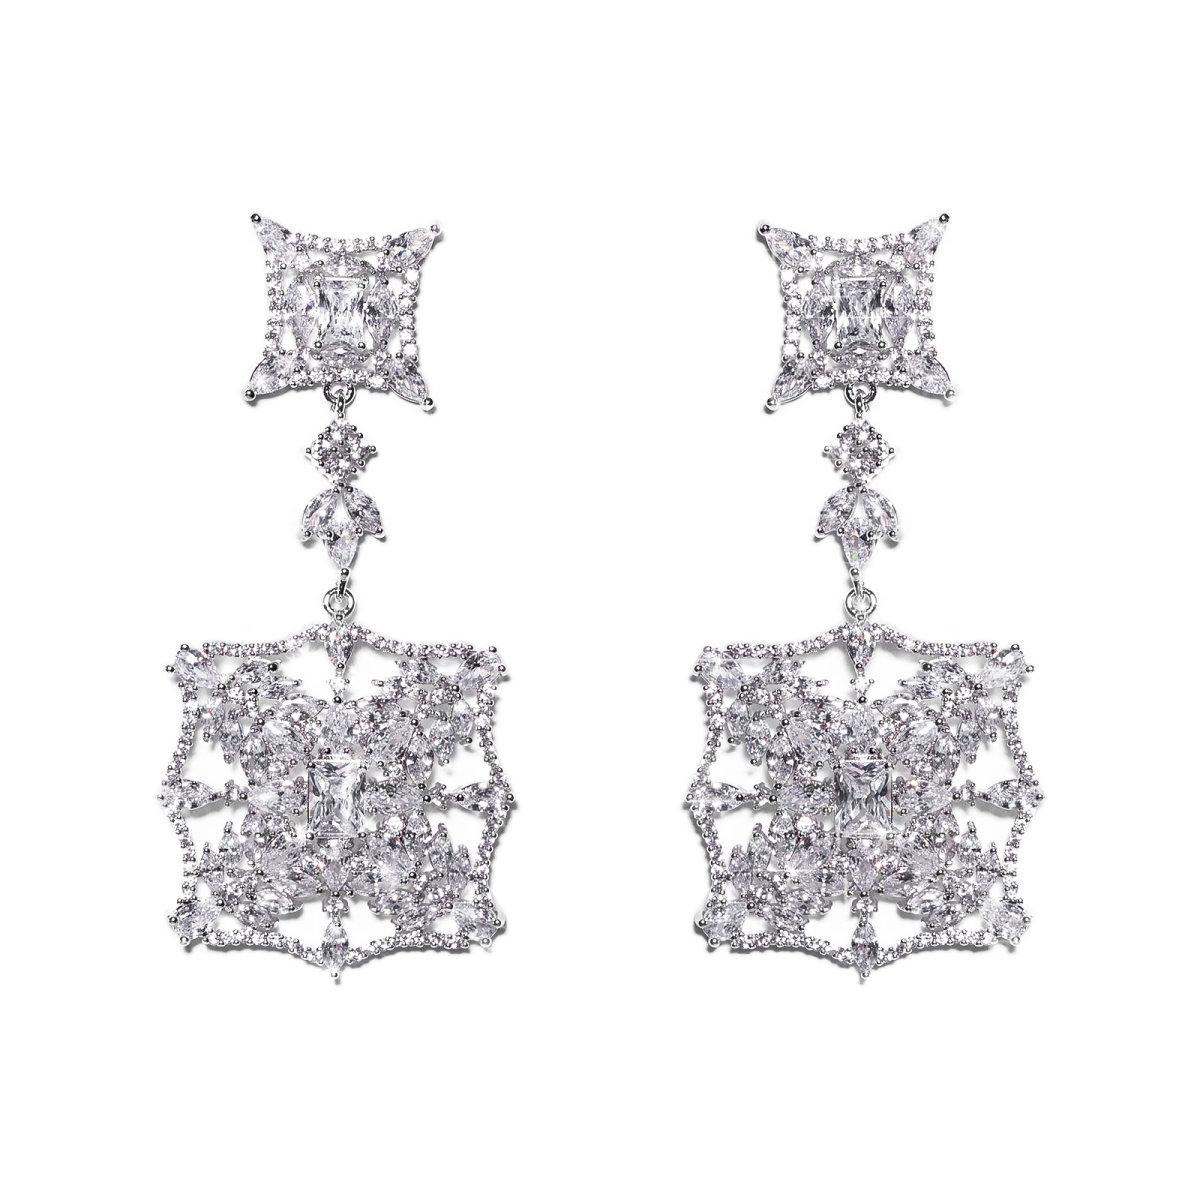 Cercei deosebiti cu cristale de zirconiu Argintiu